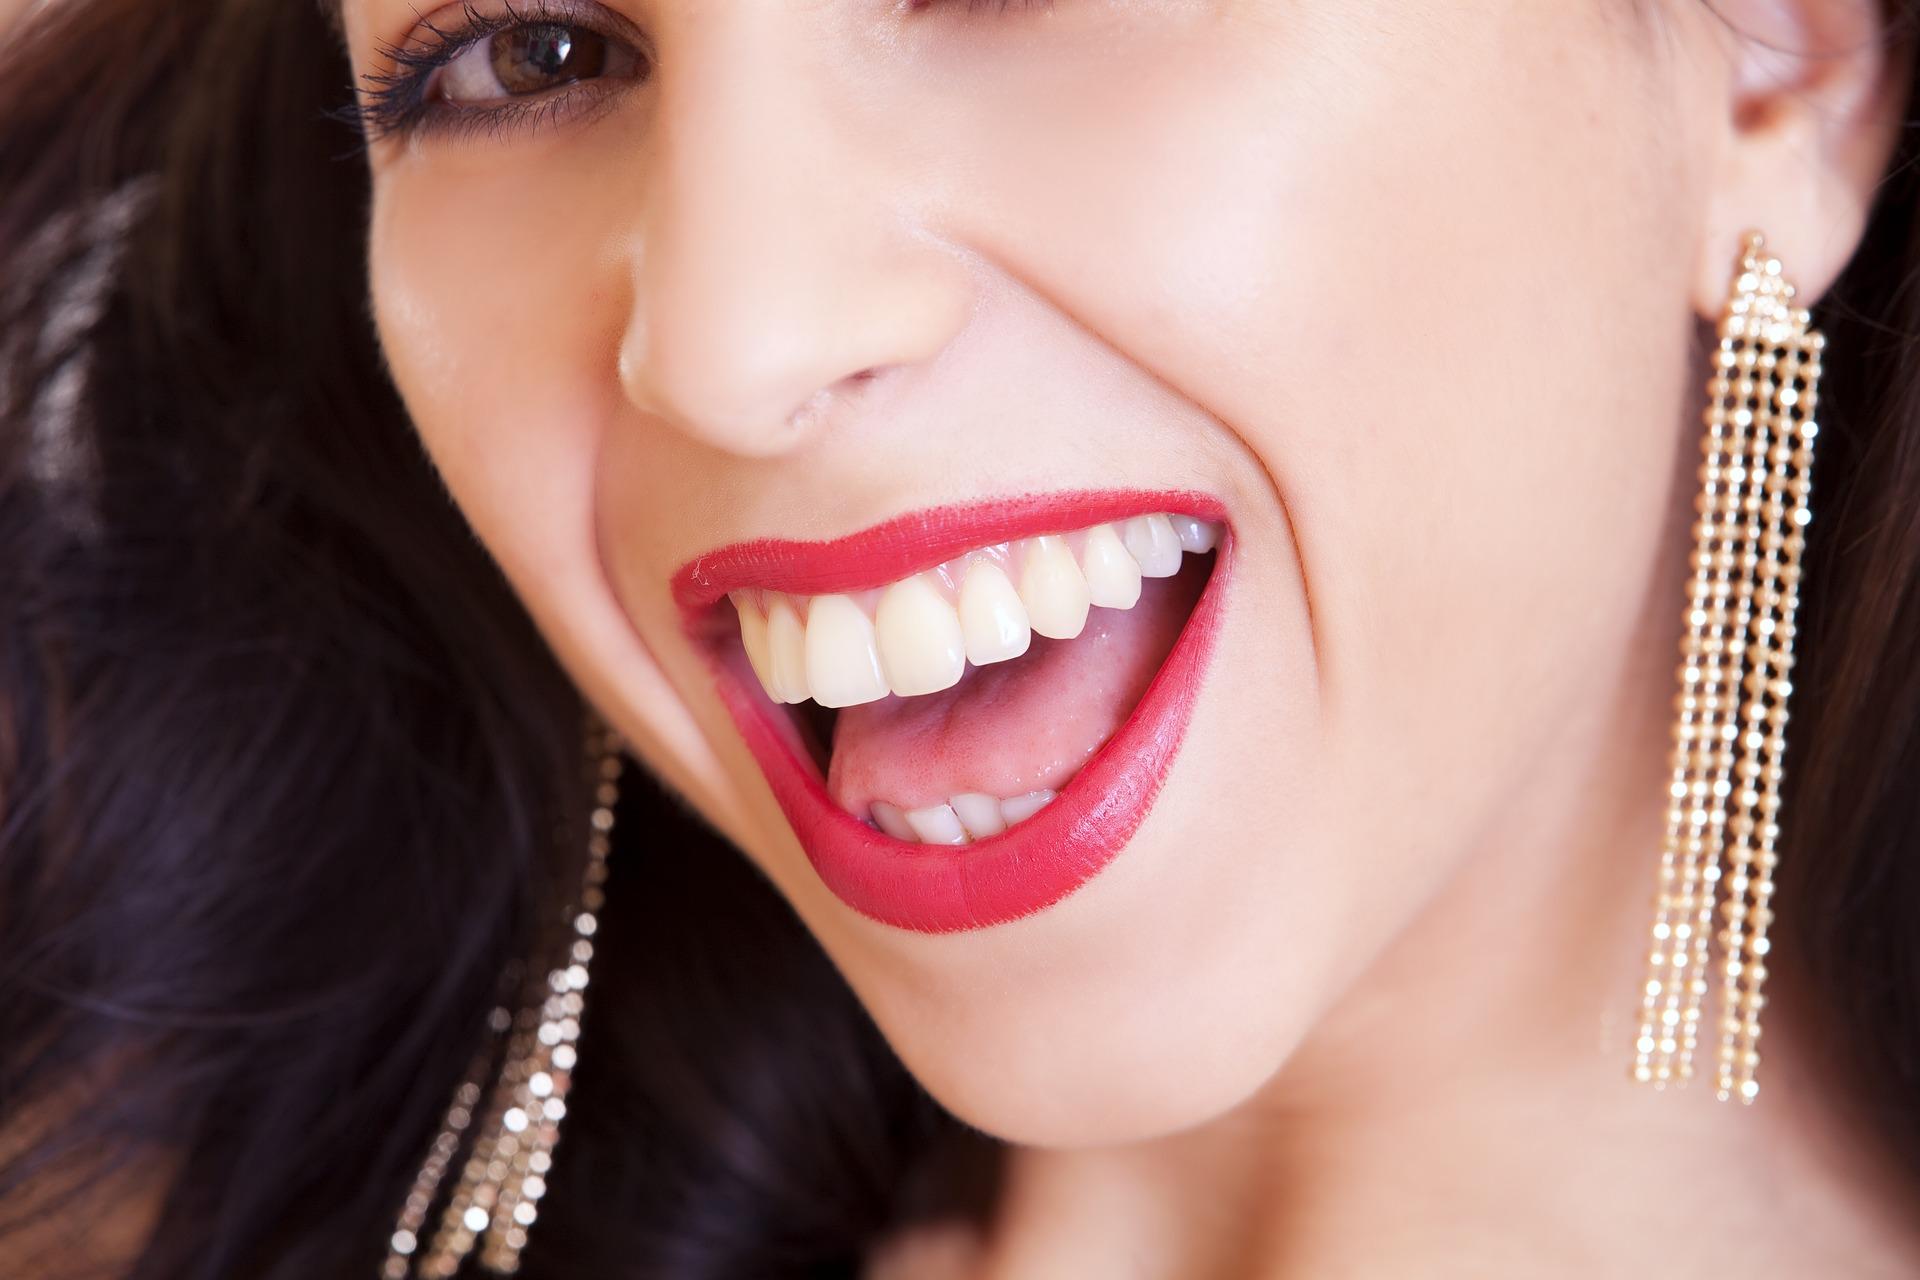 Piękny uśmiech czyli rehabilitacja stomatologiczna – Milena Budrewicz